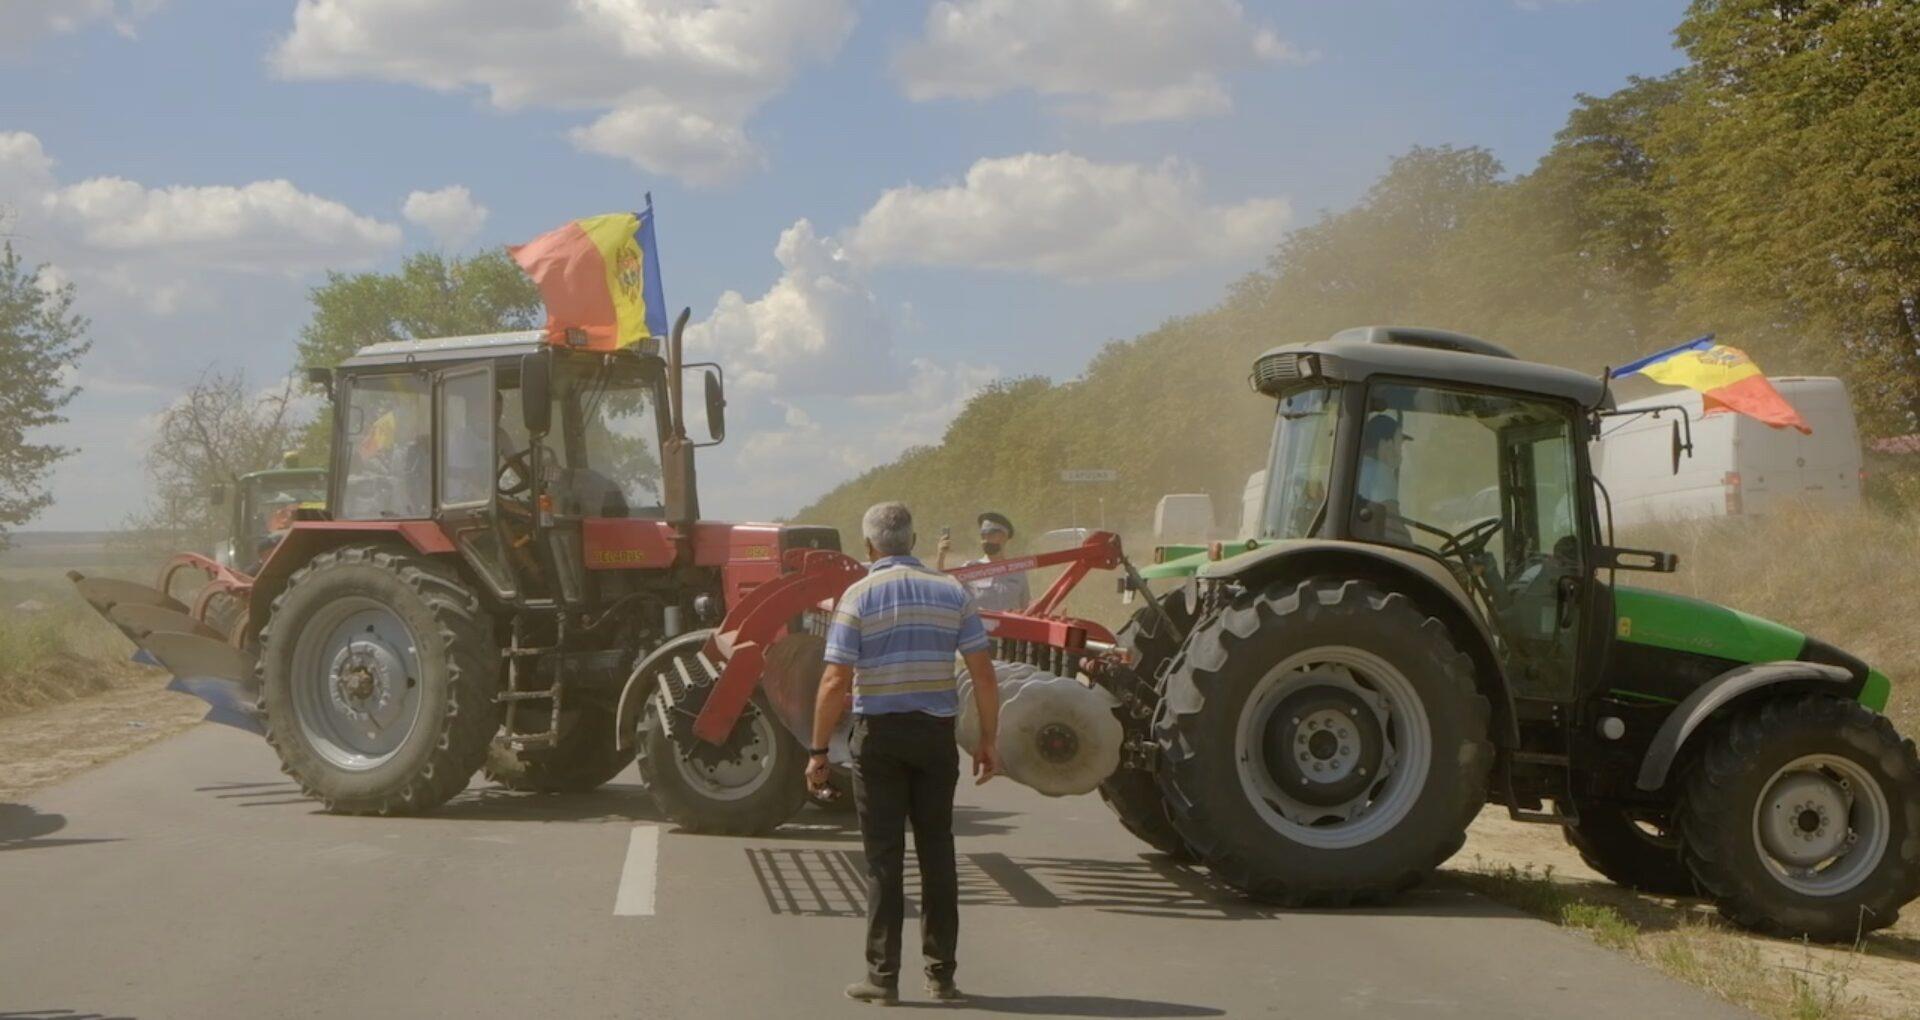 FOTO/ Noi proteste anunțate de agricultorii din Ștefan Vodă, Căușeni, Leova, Basarabeasca, Telenești, Ungheni și Hîncești